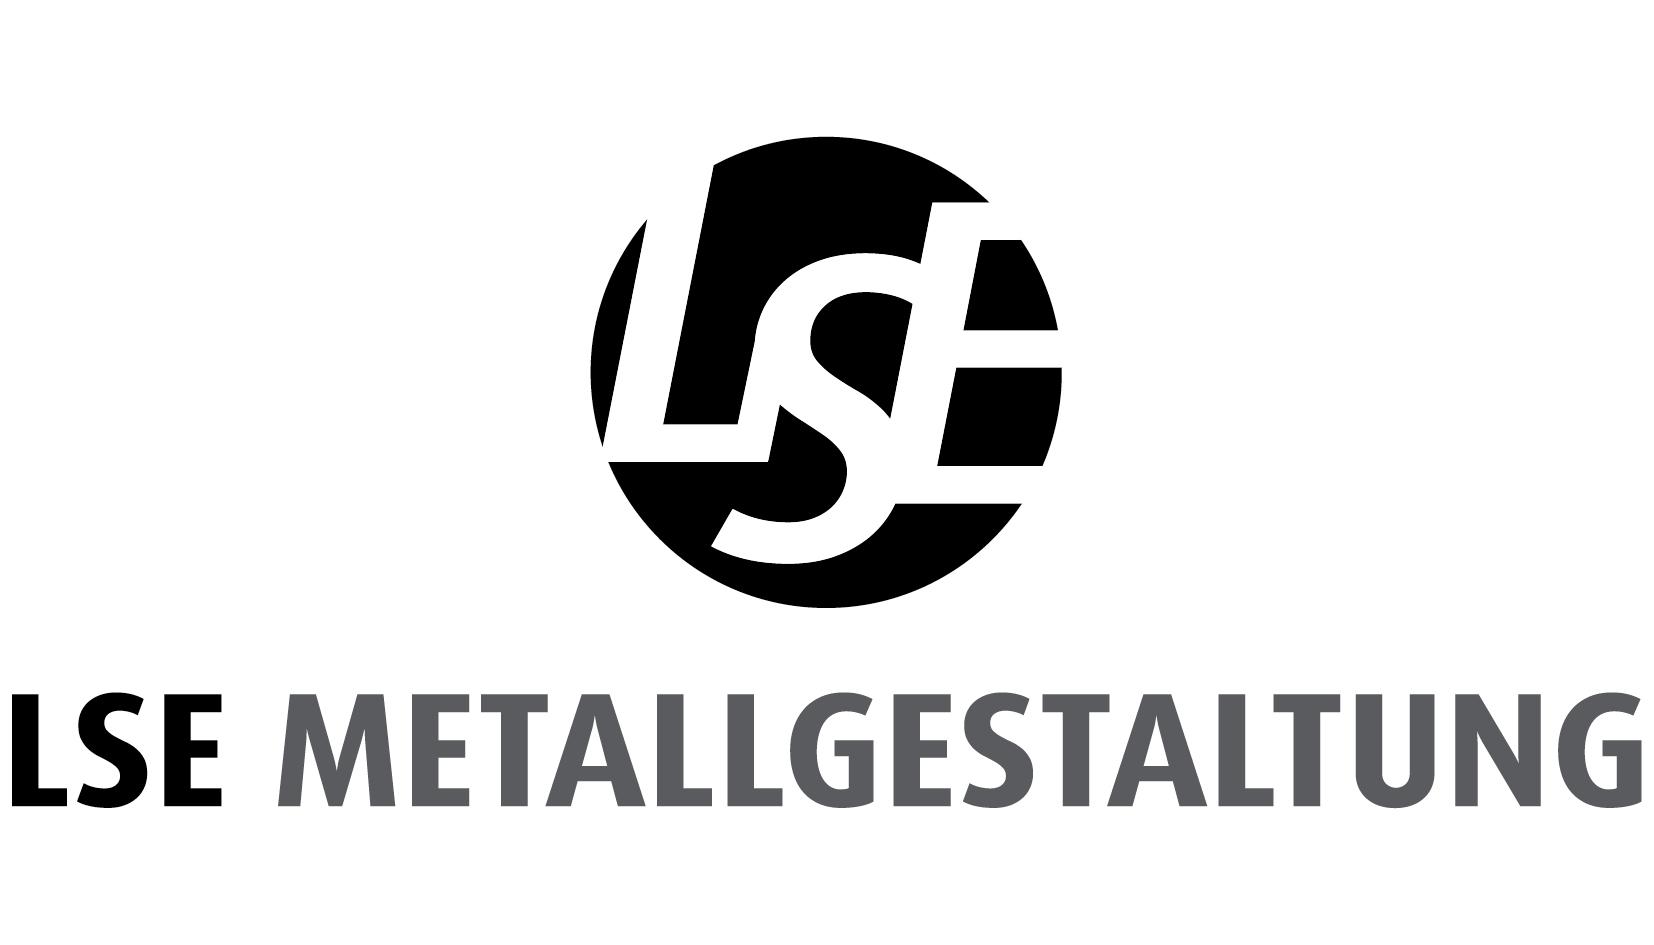 LSE Metallgstaltung